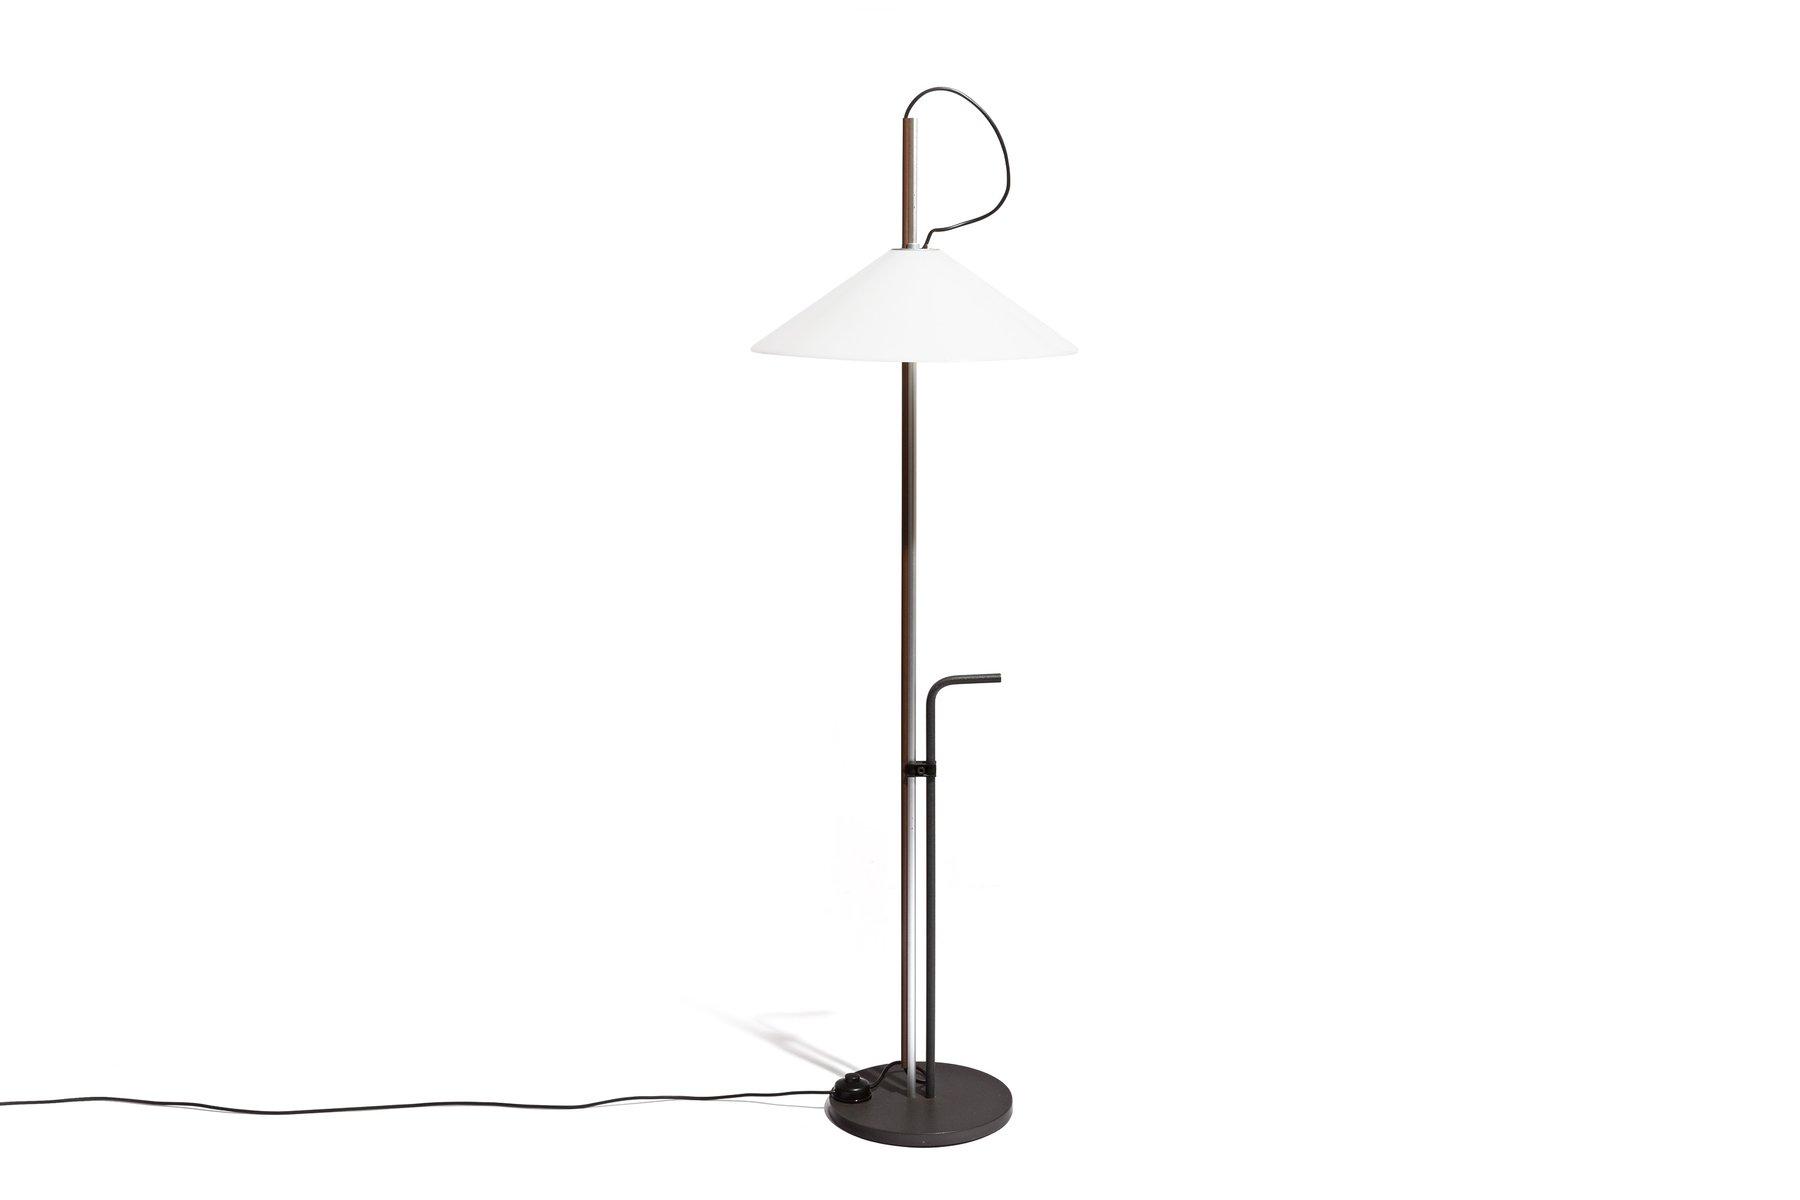 Aggregato Stehlampe von Enzo Mari für Artemide, 1976